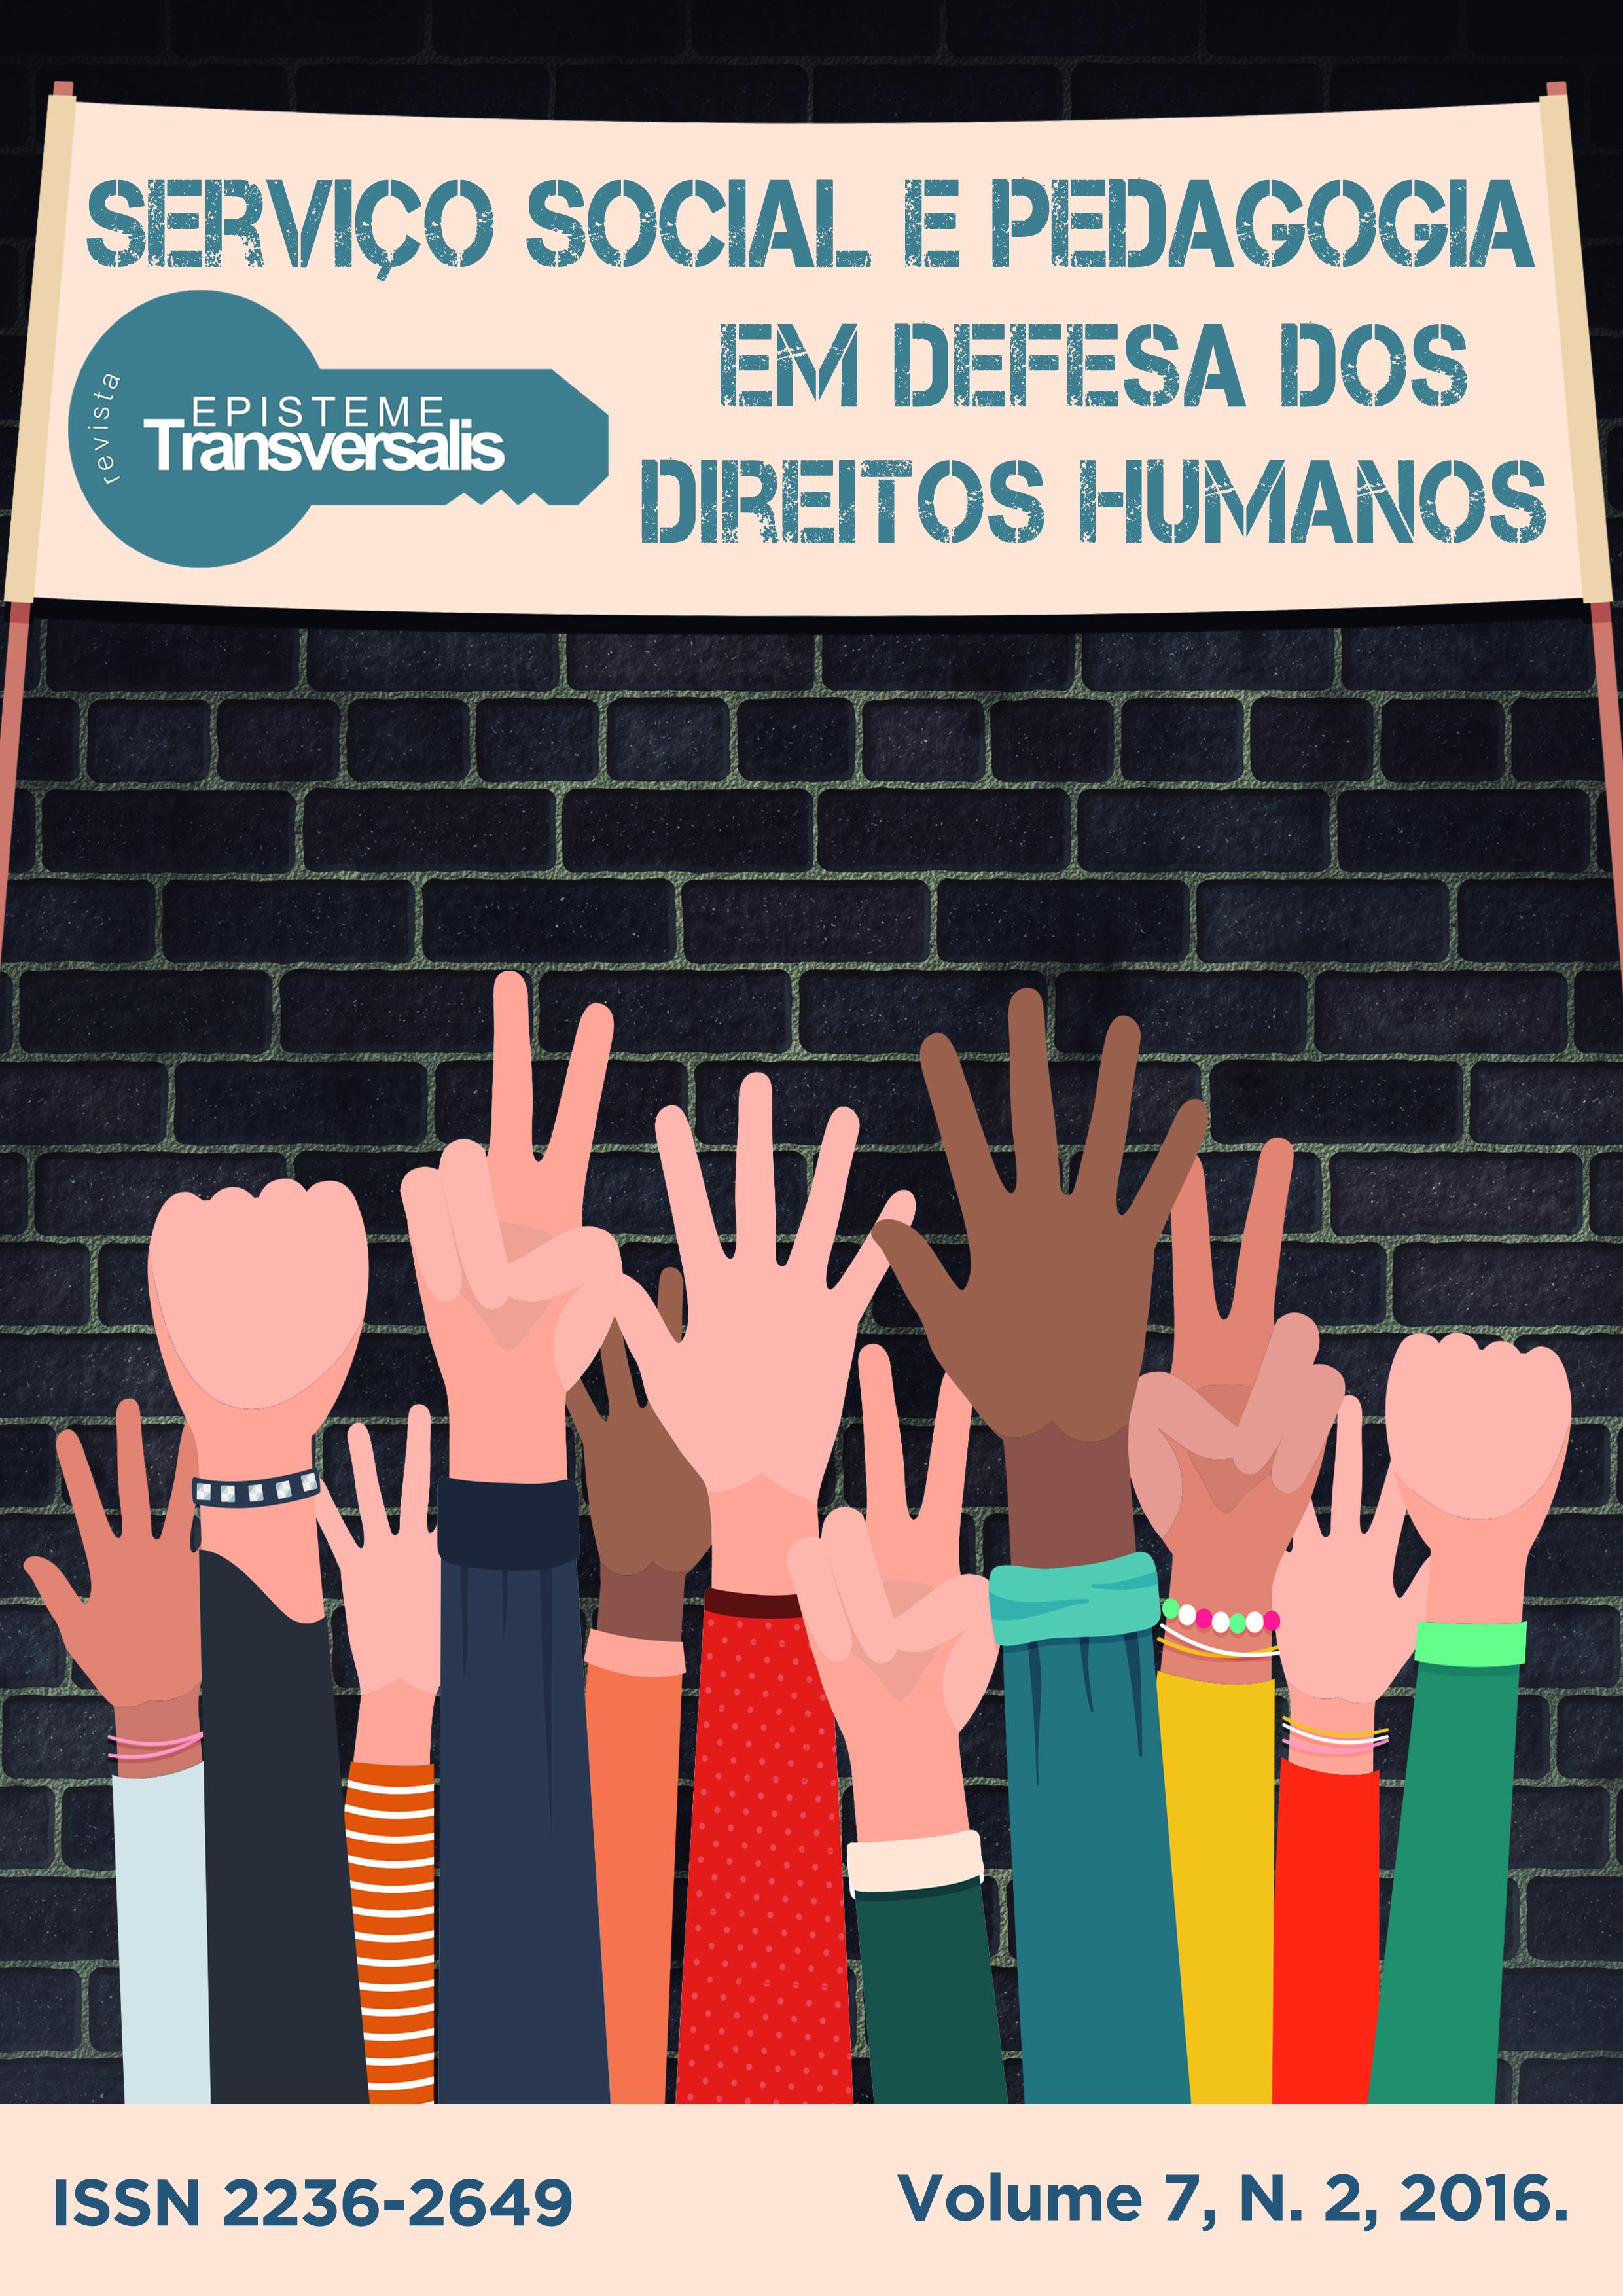 SERVIÇO SOCIAL E PEDAGOGIA EM DEFESA DOS DIREITOS HUMANOS